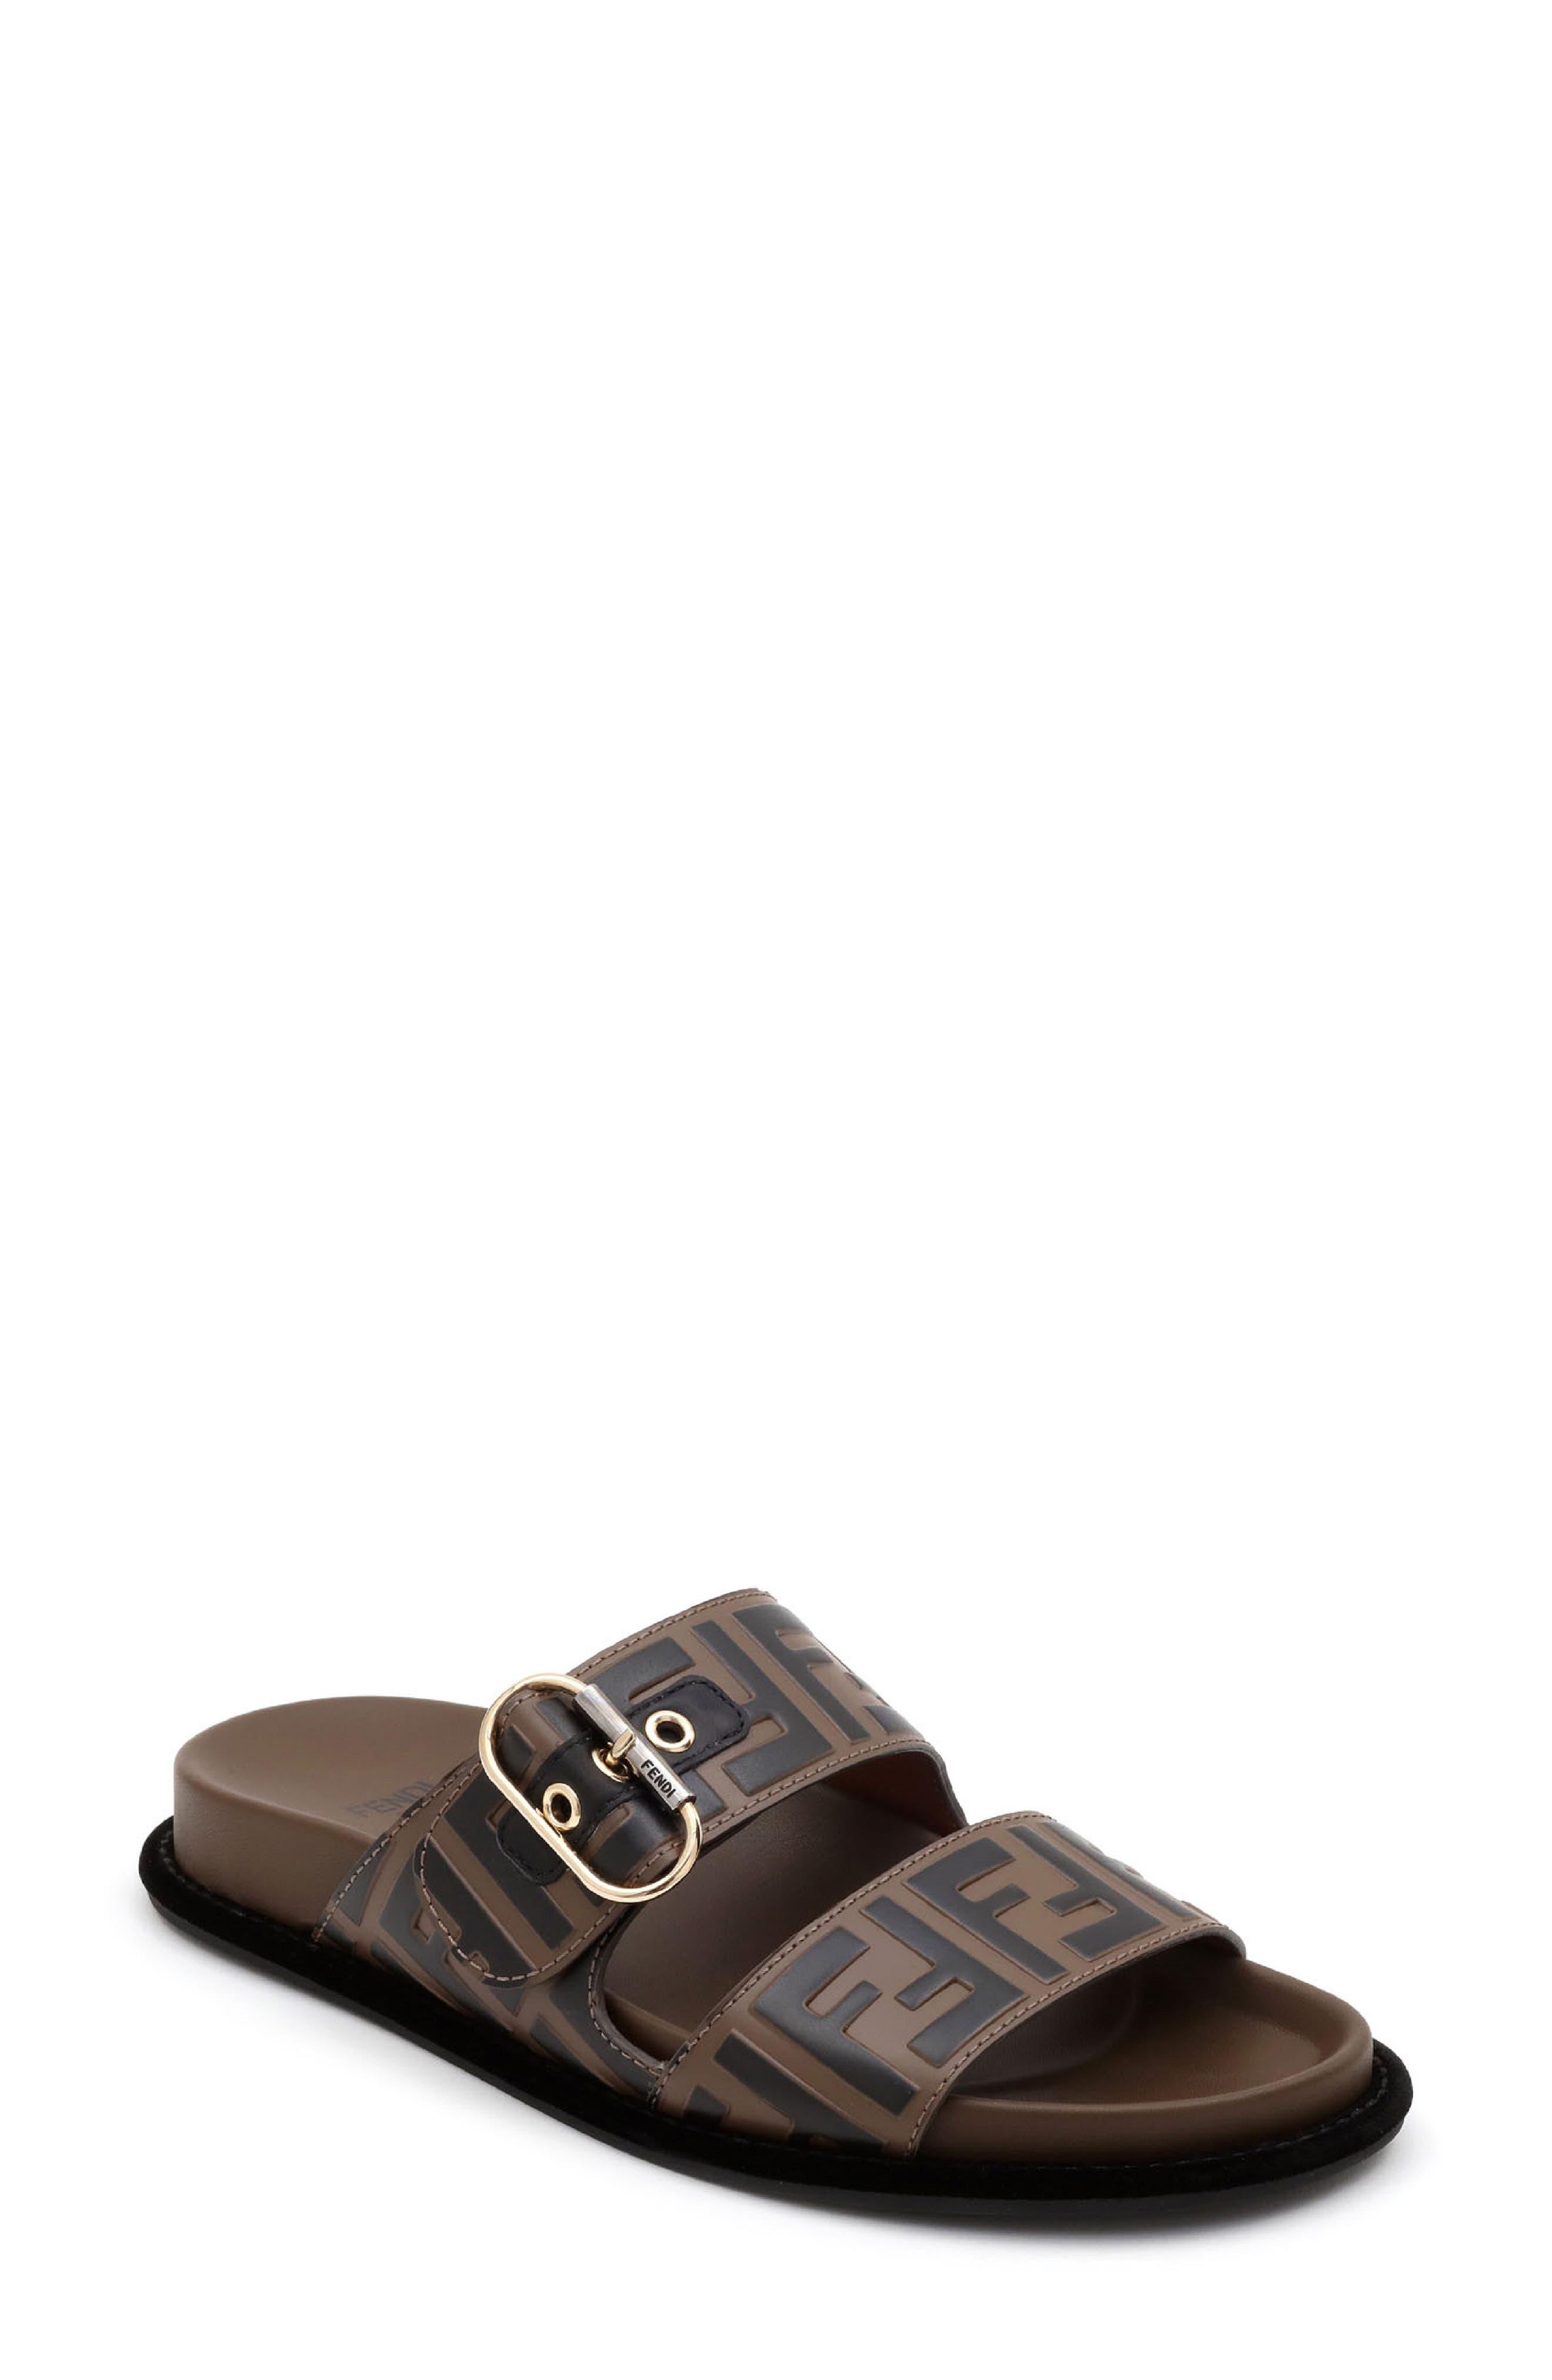 b74b37efaf79 Women s Fendi Sandals